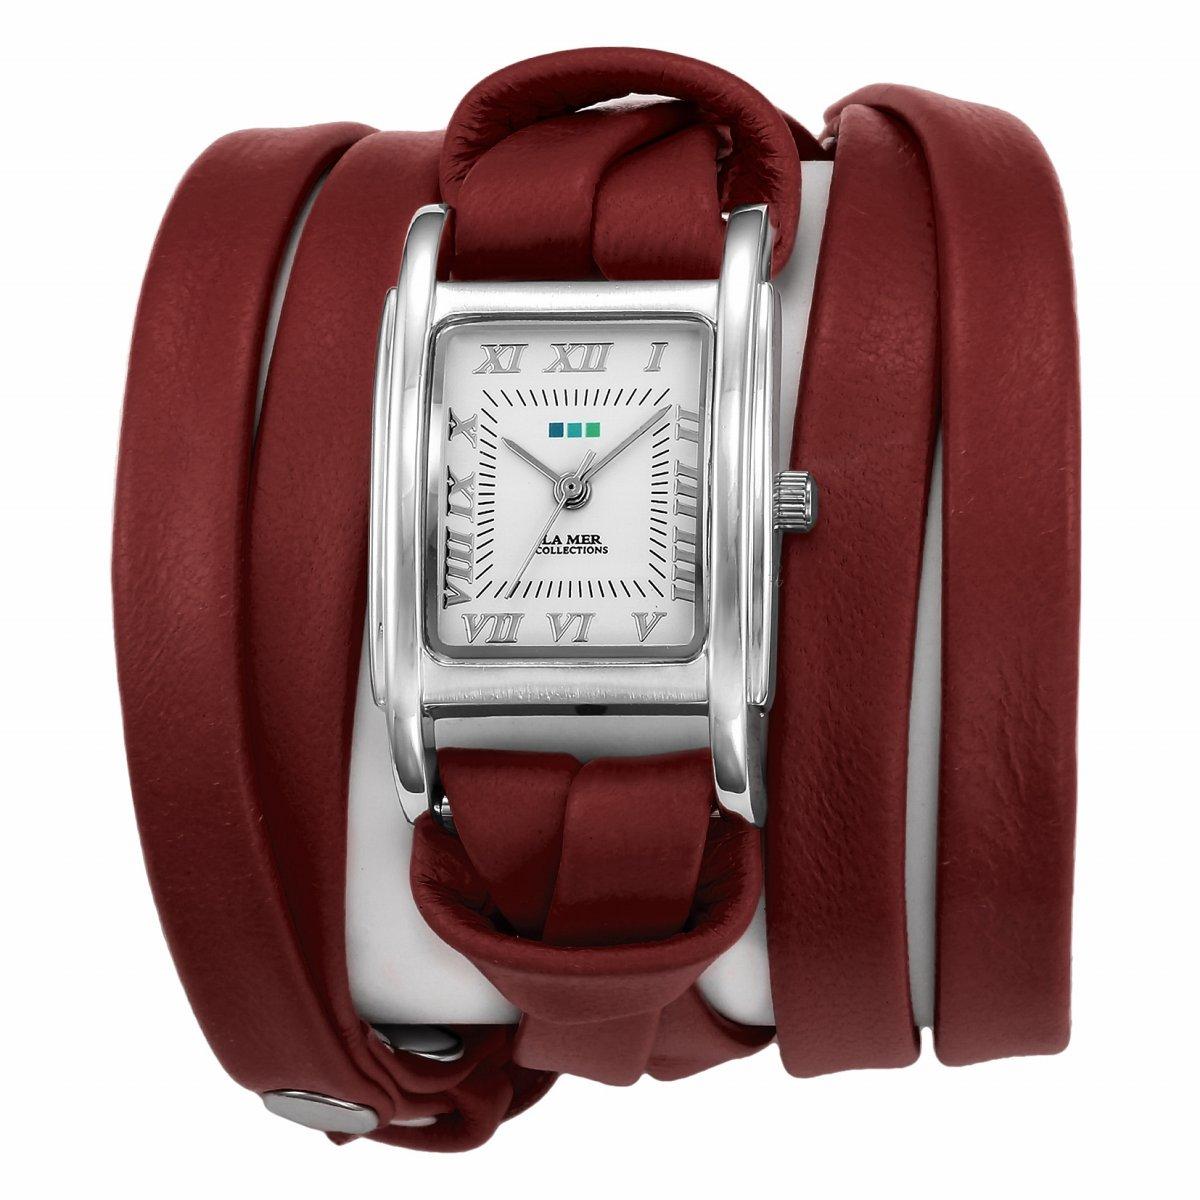 ラメール コレクションズ LA MER COLLECTIONS 腕時計 レディース ミルウッド Milwood LMMILWOOD20177